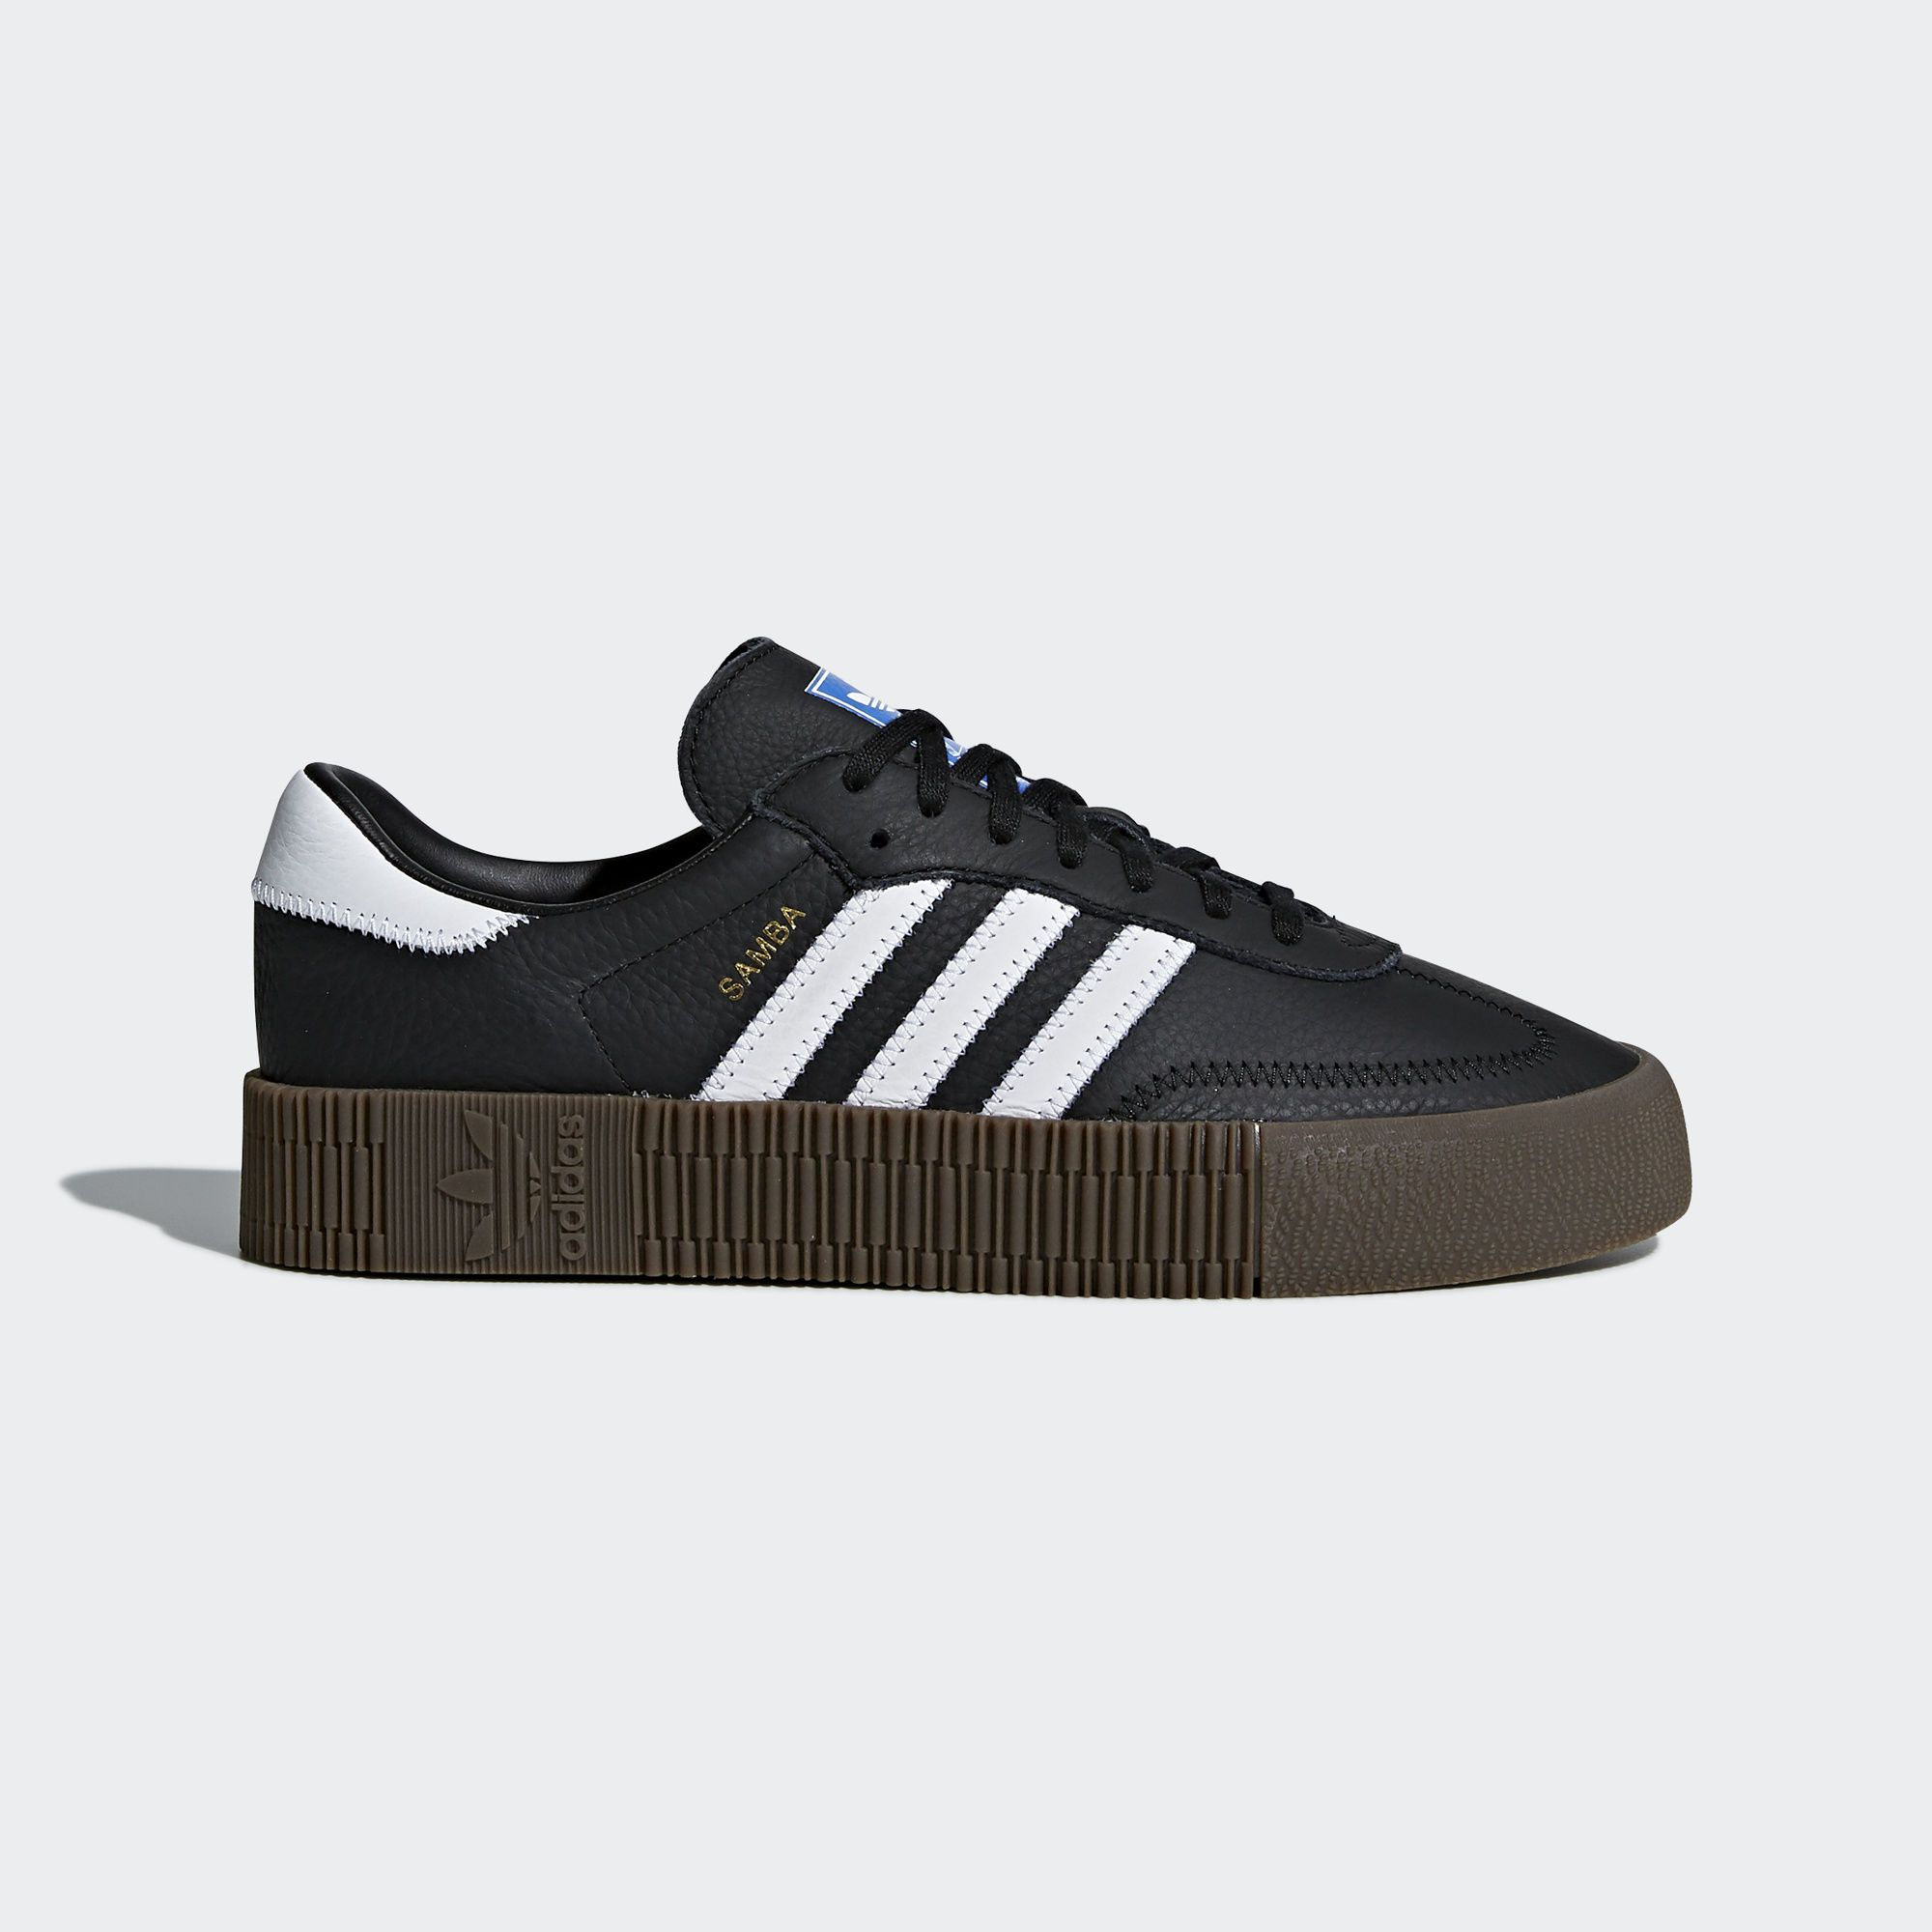 124ffb5090c Handla för SAMBAROSE Shoes - Svart på adidas online Sverige Se alla färger  och versioner av SAMBAROSE Shoes - Svart i adidas officiella adidas  onlinebutik.